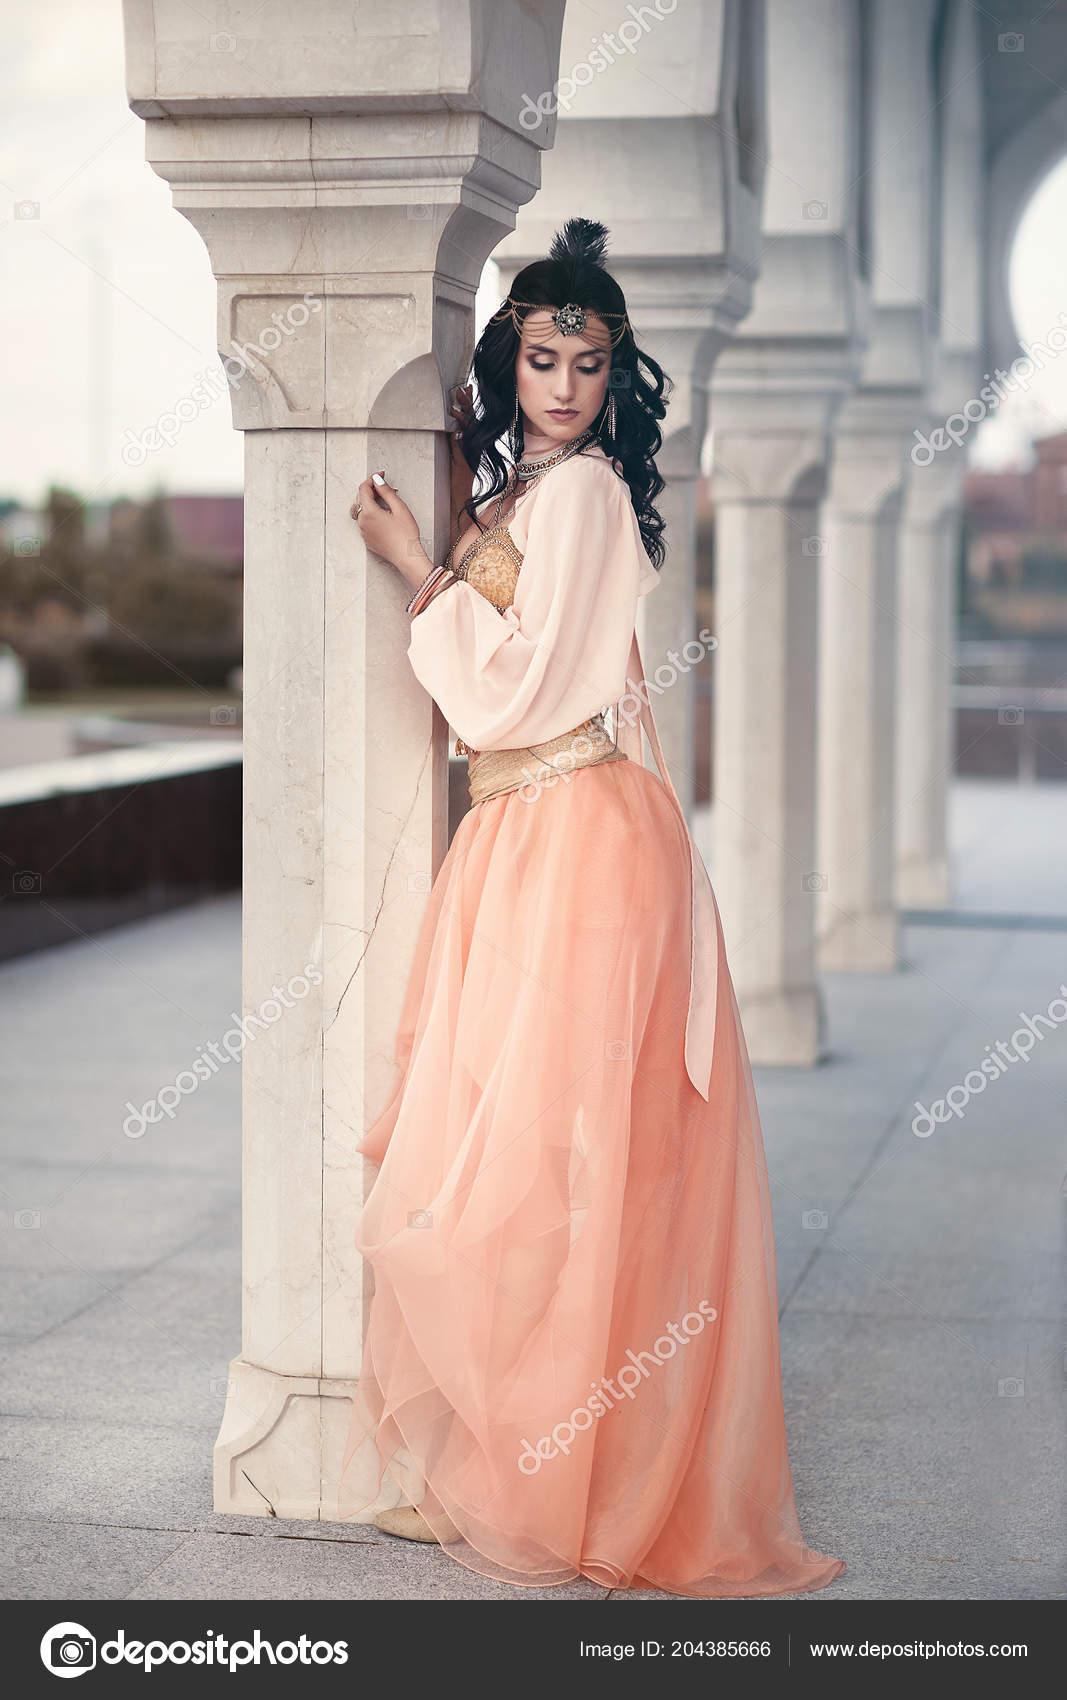 Femme au style oriental\u2013 images de stock libres de droits